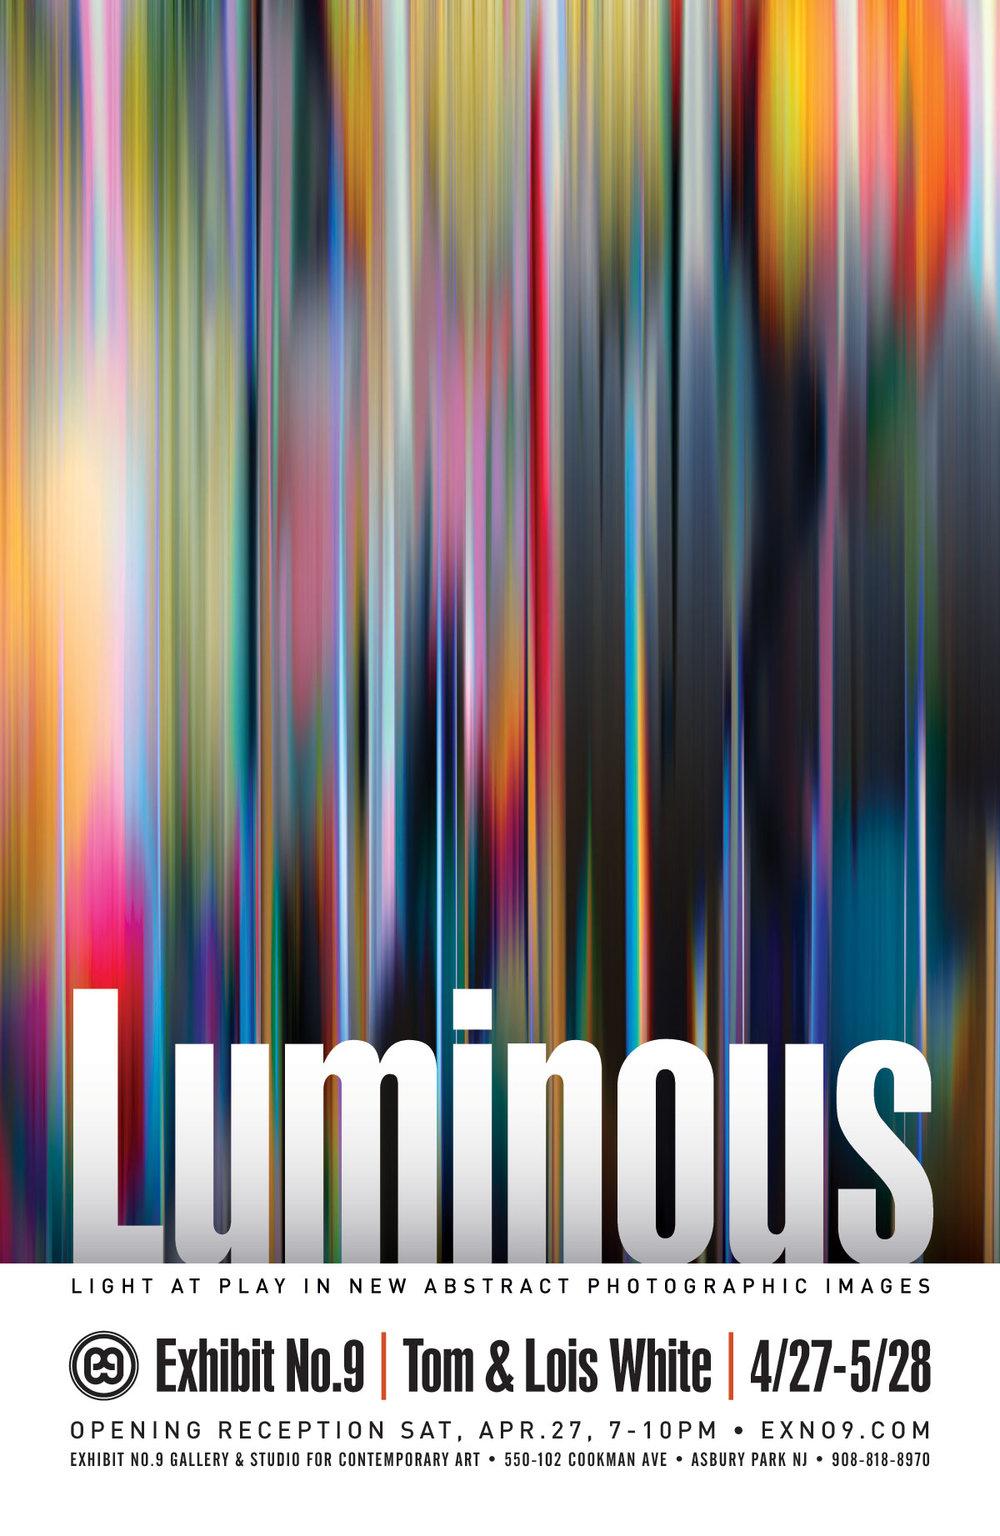 Luminous-Card-Front-3.jpg